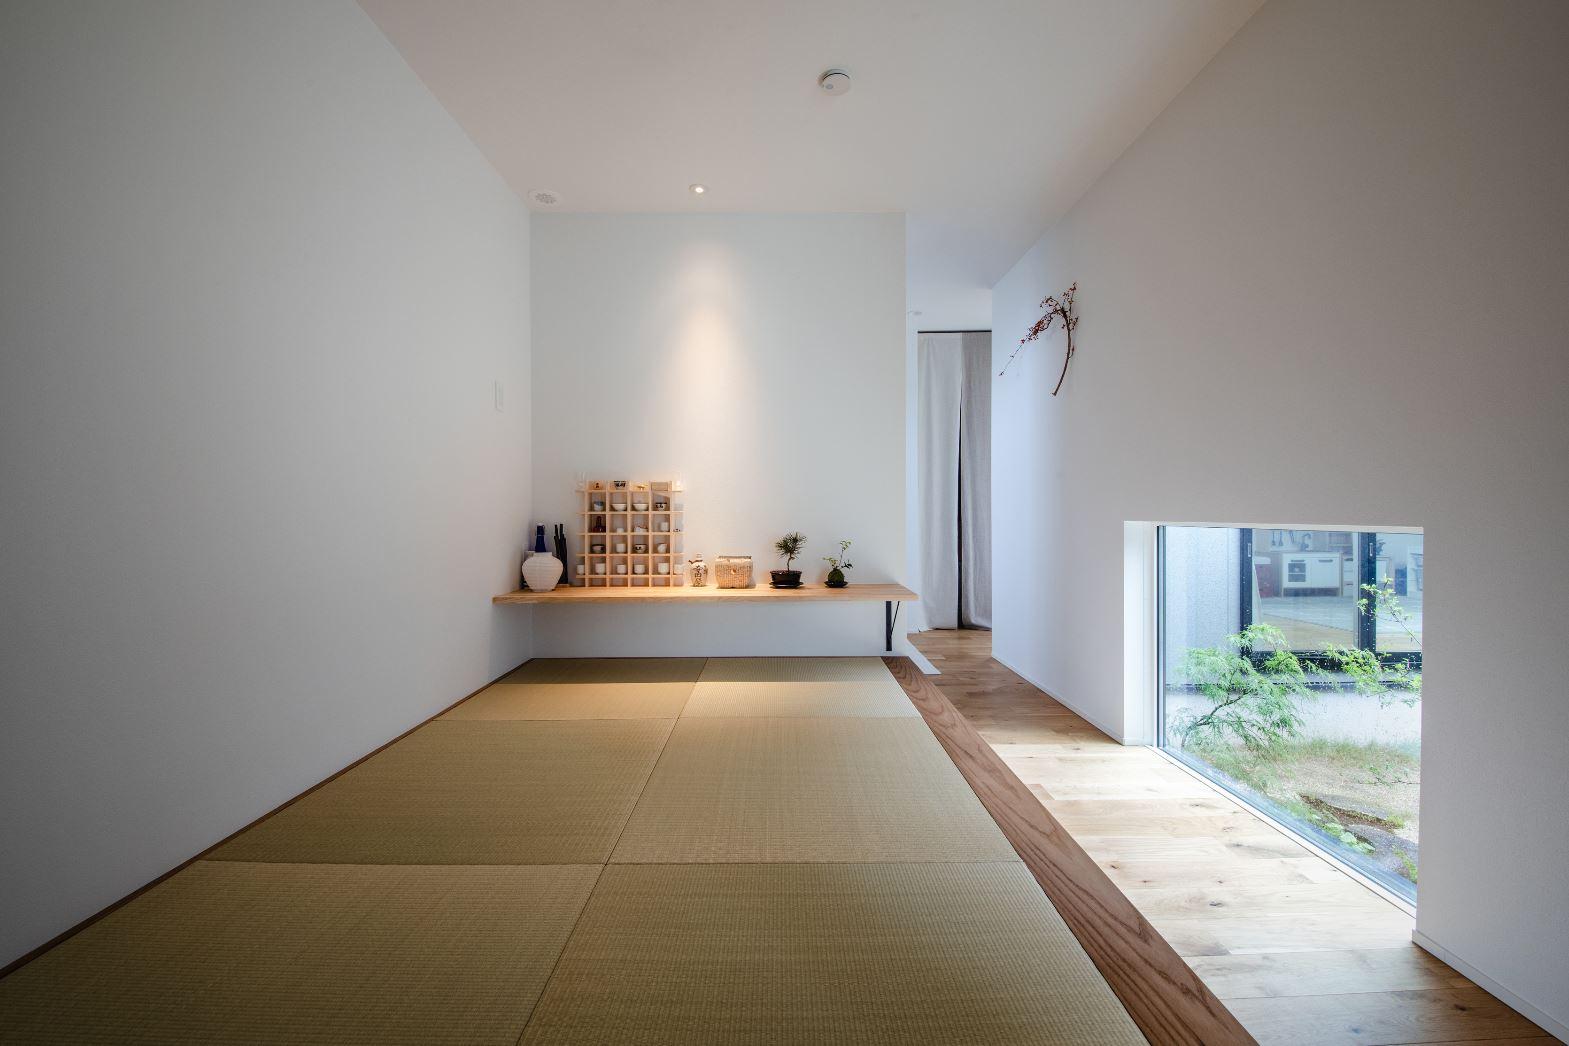 S.CONNECT(エスコネクト)【デザイン住宅、間取り、平屋】子上がりの和室は窓の位置を低くすることで、意匠性を高めながら、お客さんが来た時のプライバシー確保に